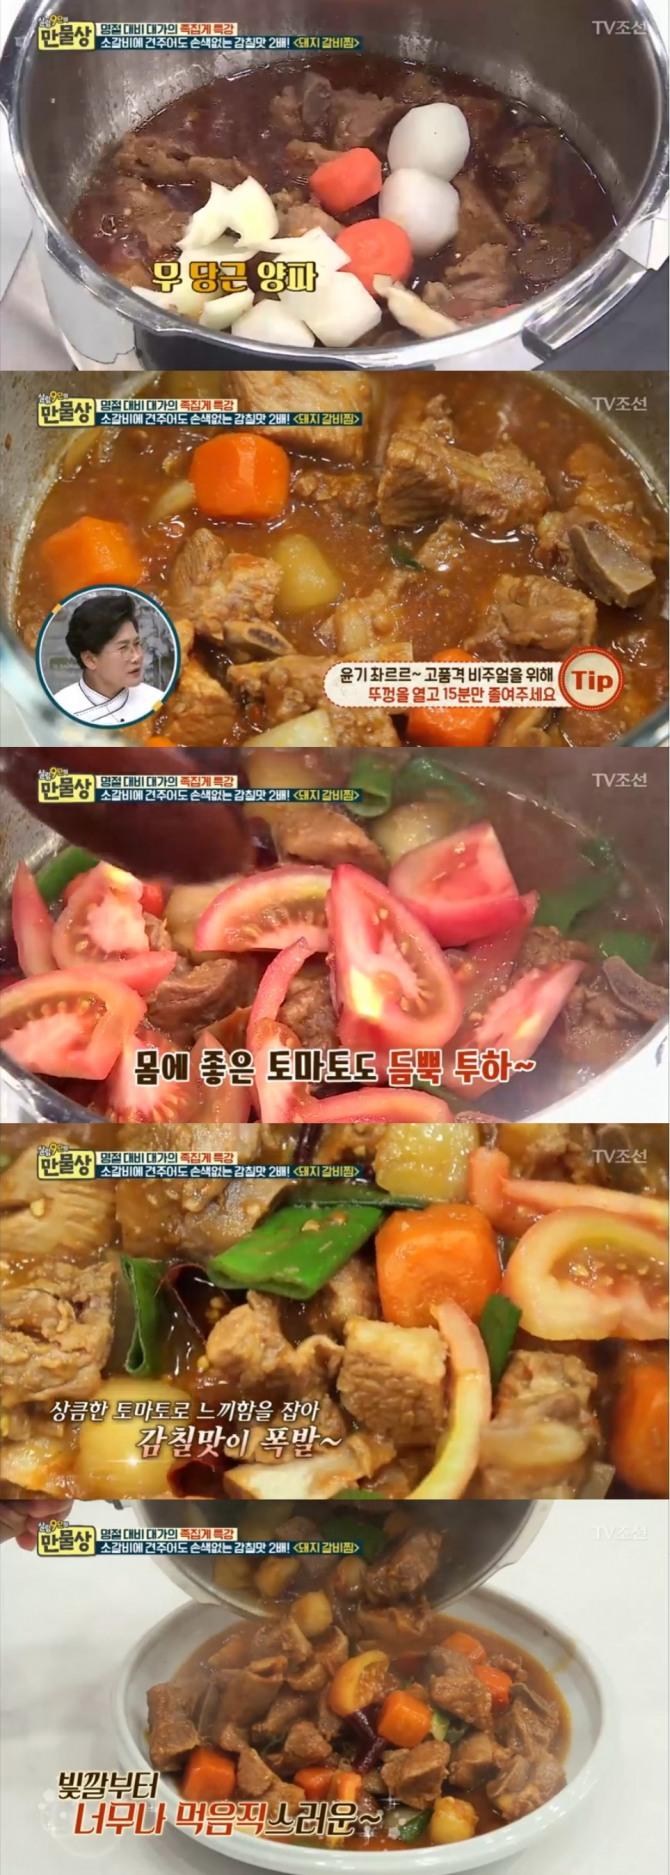 지난 8일 방송된 TV조선 '살림9단의 만물상'에서는 유귀열 기능장이 출연, 토마토를 넣은 고급스런 비주얼의 돼지갈비찜 만드는 법을 공개해 화제를 모았다. 사진=TV조선 방송 캡처